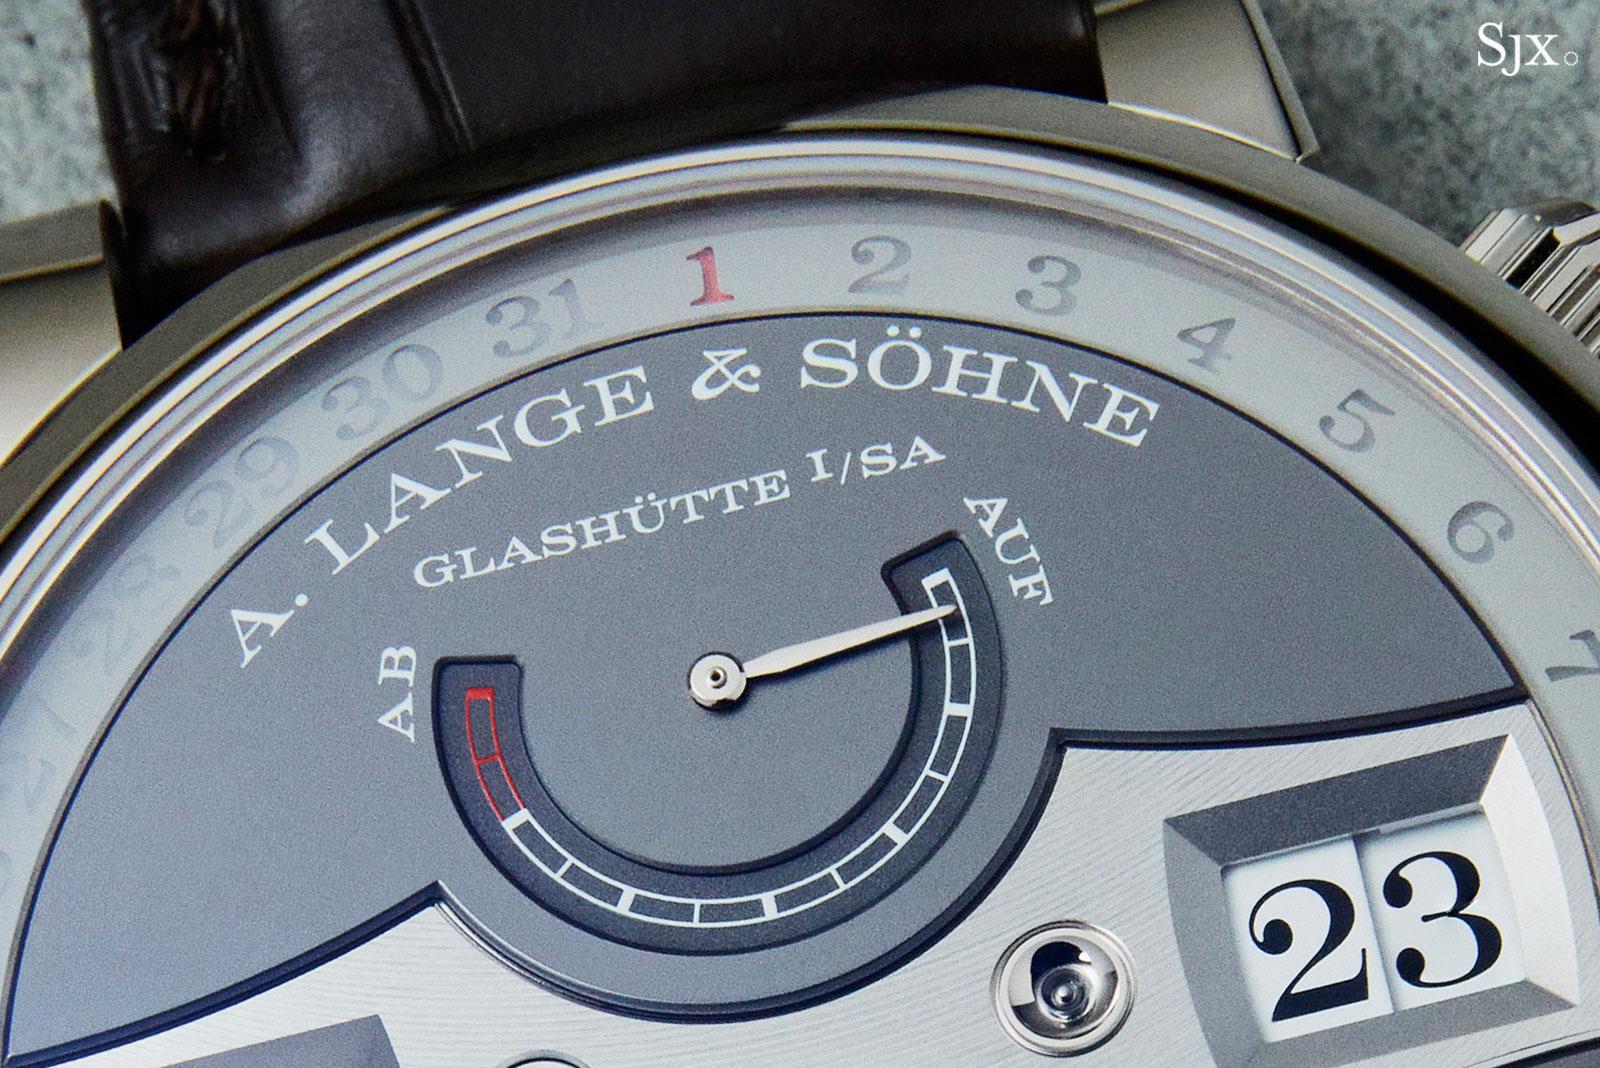 Lange Zeitwerk Date white gold 1